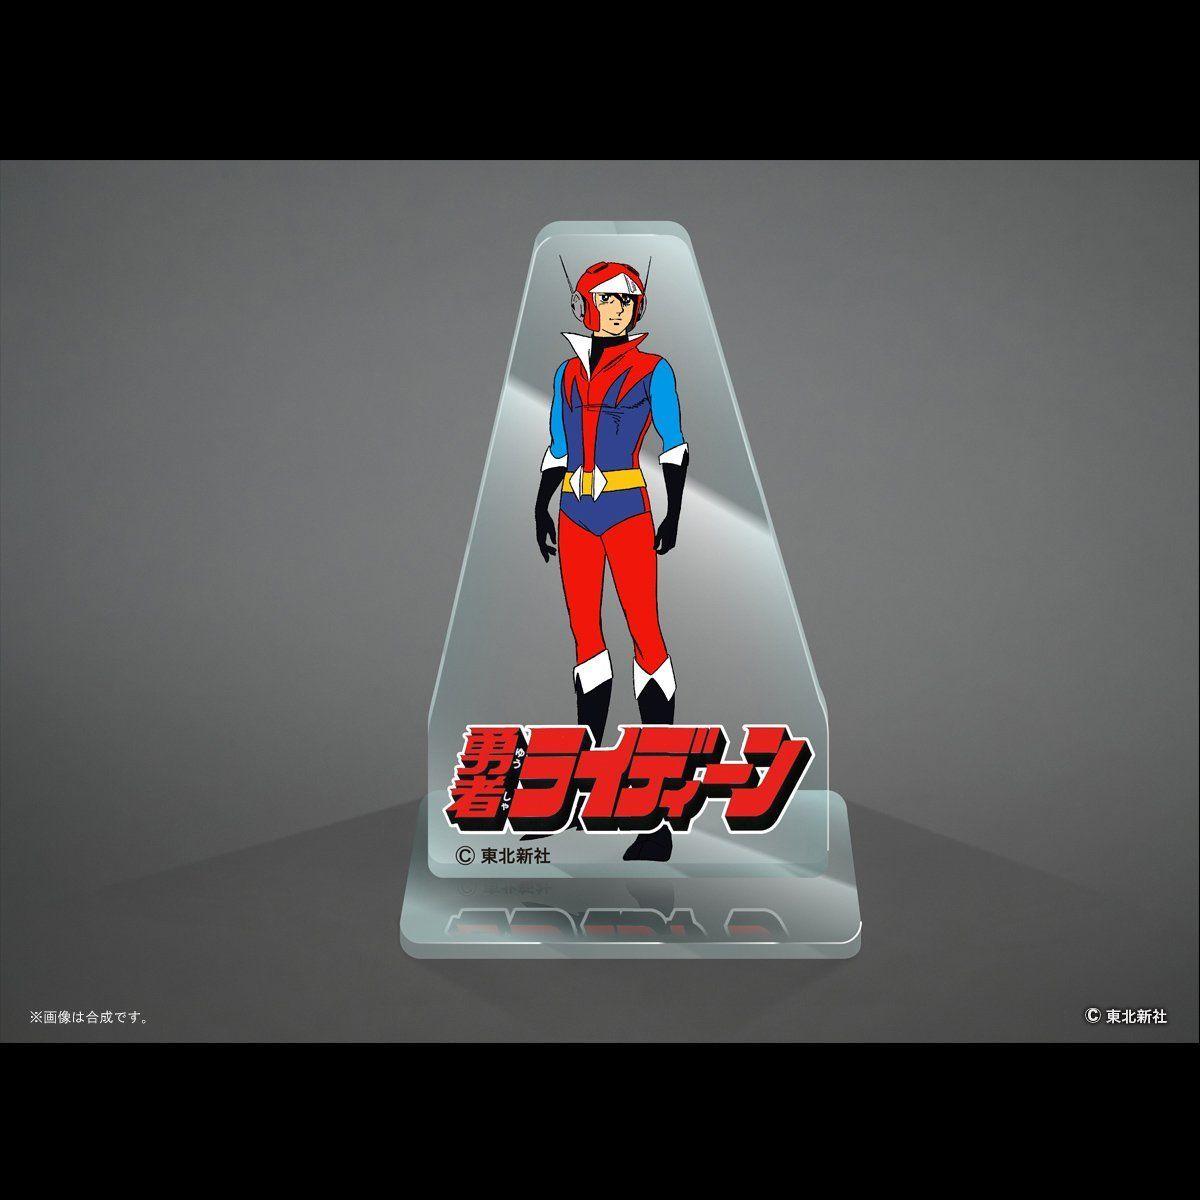 ジャンボソフビフィギュア『ライディーン』完成品フィギュア-010